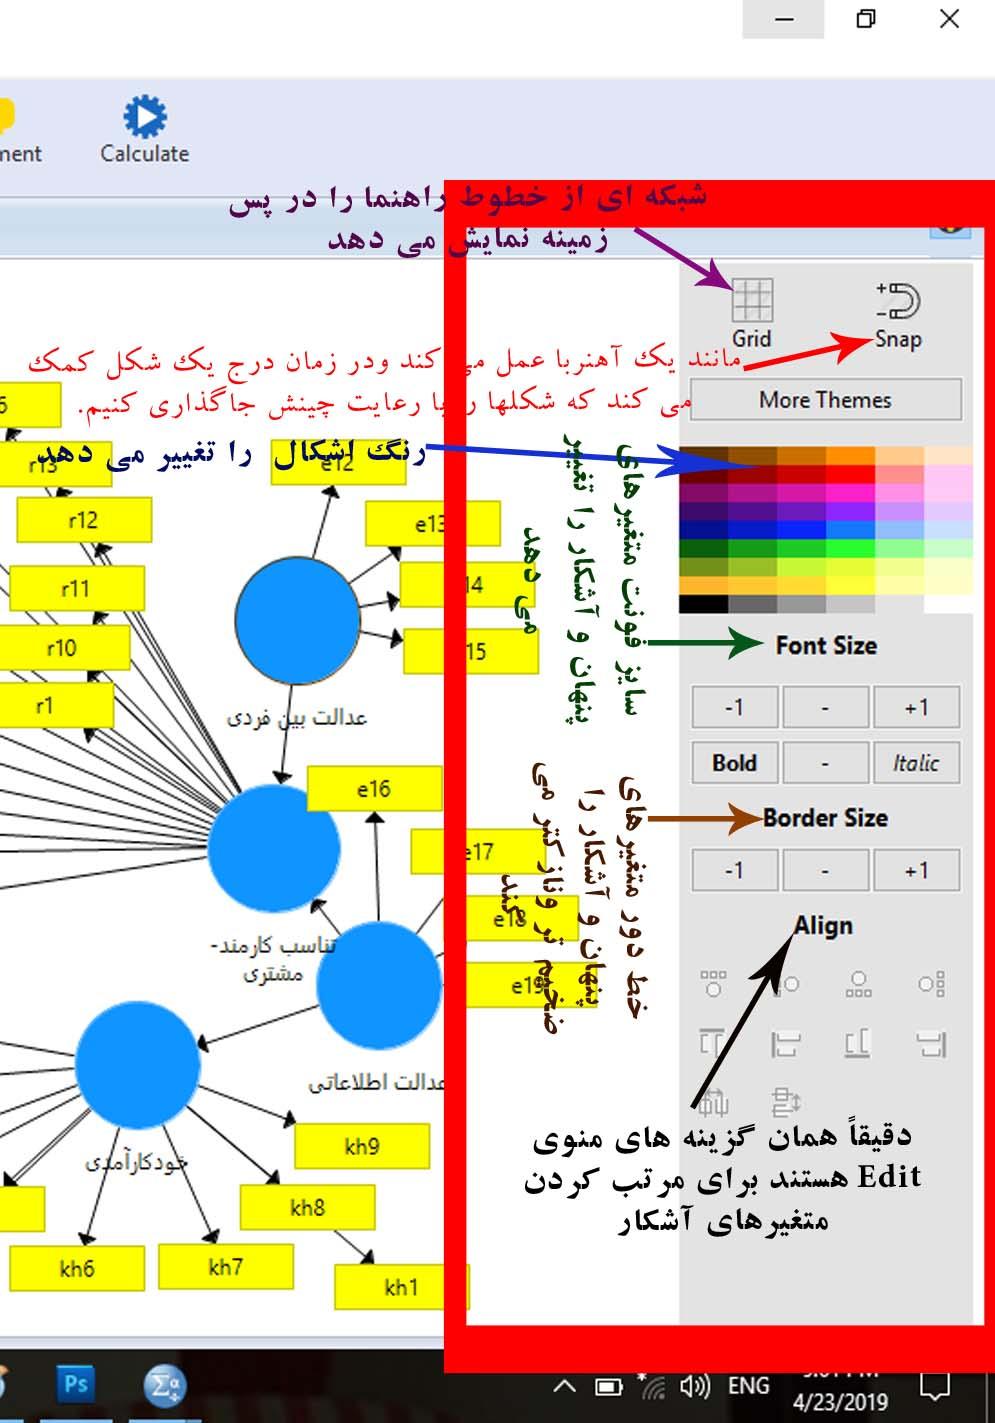 دریافت آموزش تصویری نرم افزار معادلات ساختاری اسمارت پی ال اس (pls)